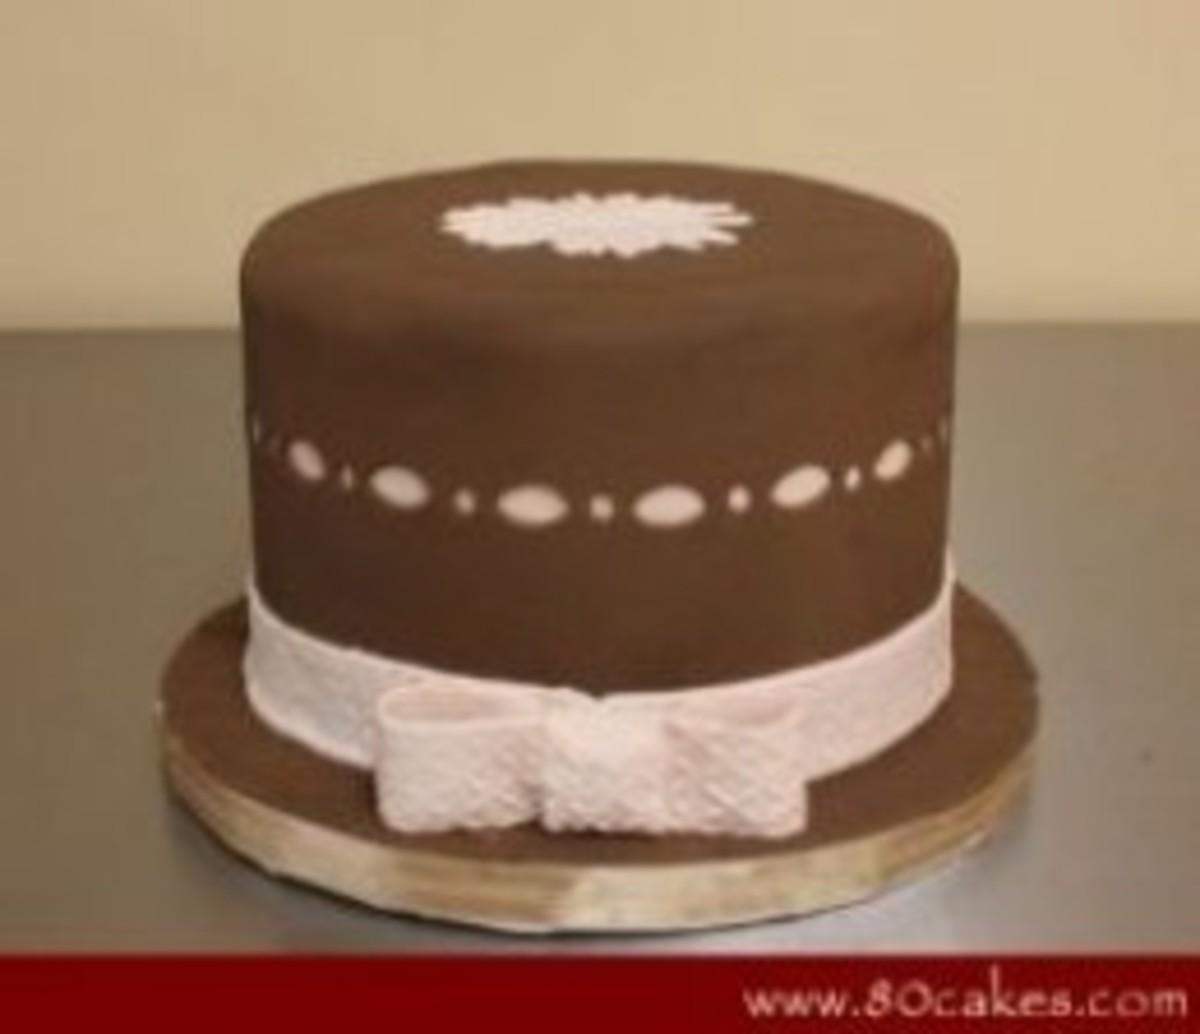 modeling-chocolate-cake-decorating